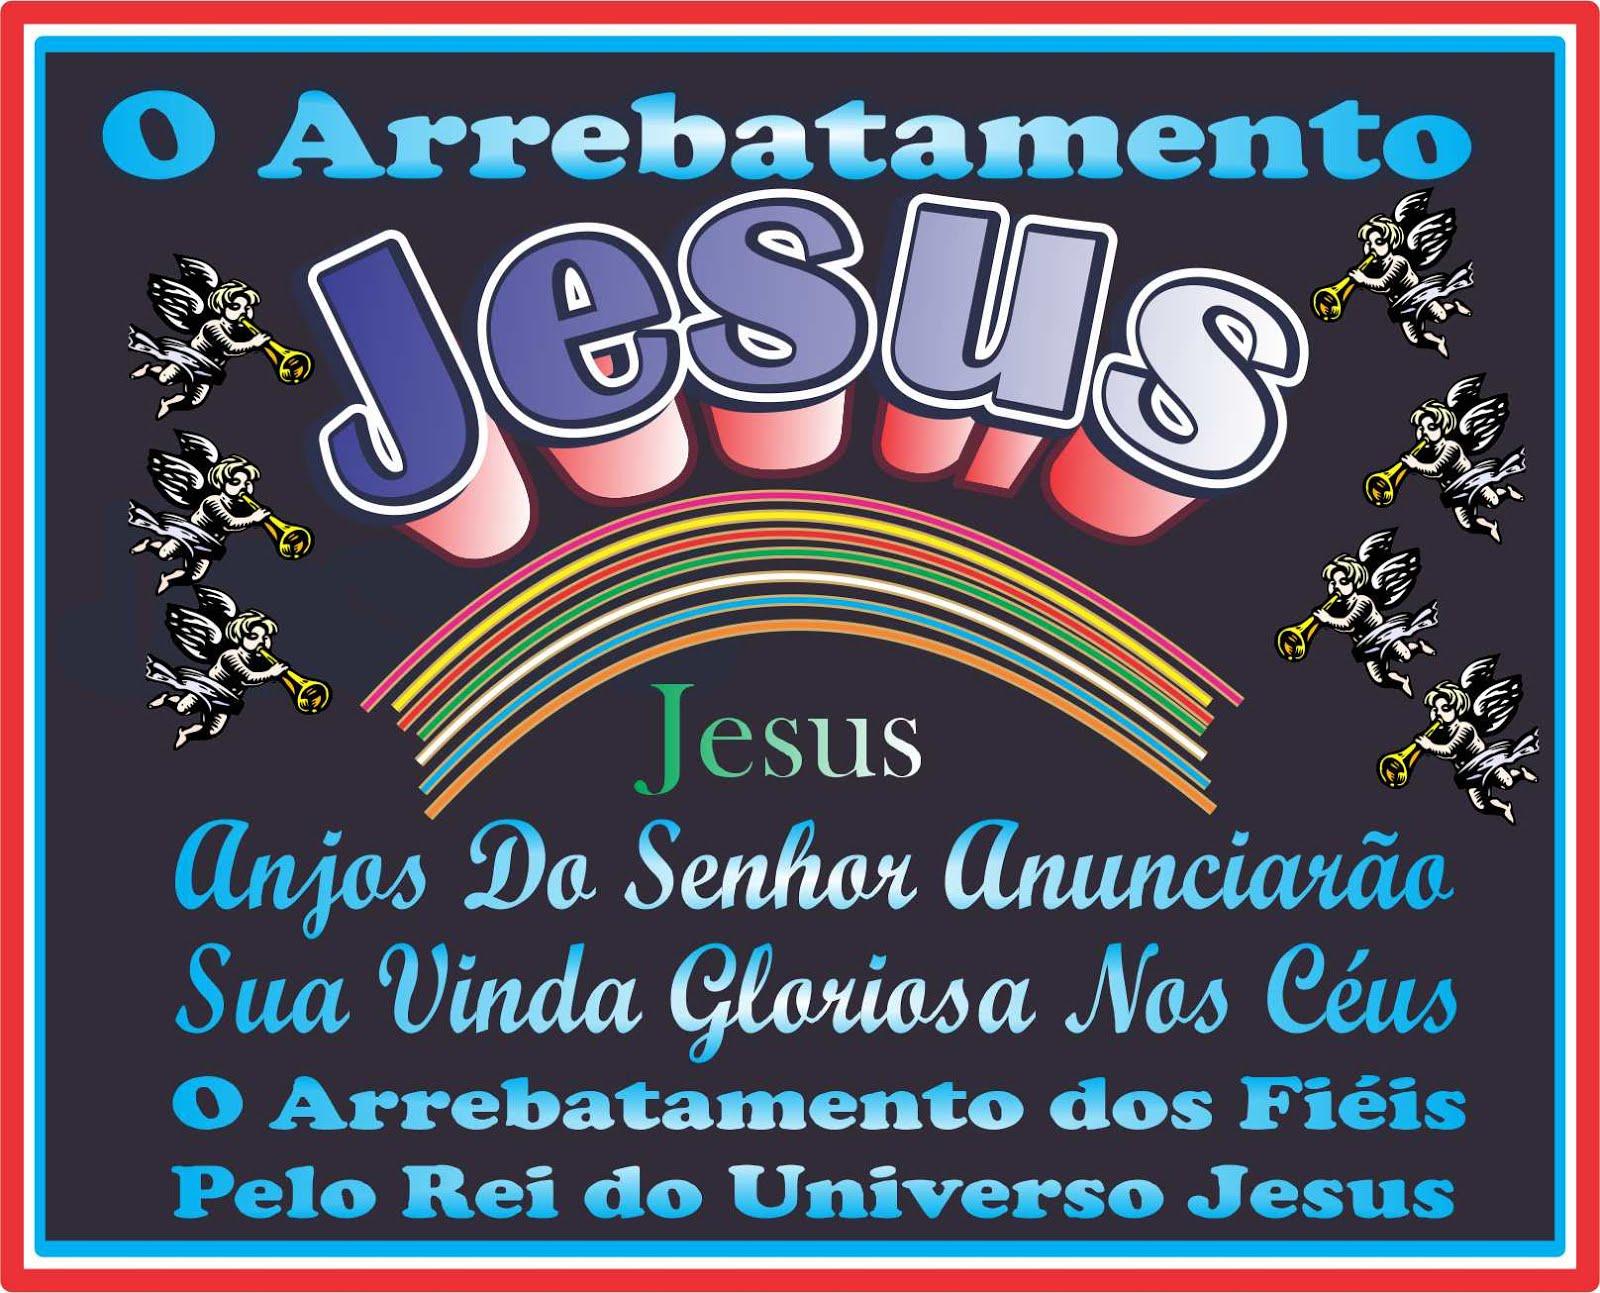 O Arrebatamento dos Fiéis A Noiva de Cristo Jesus